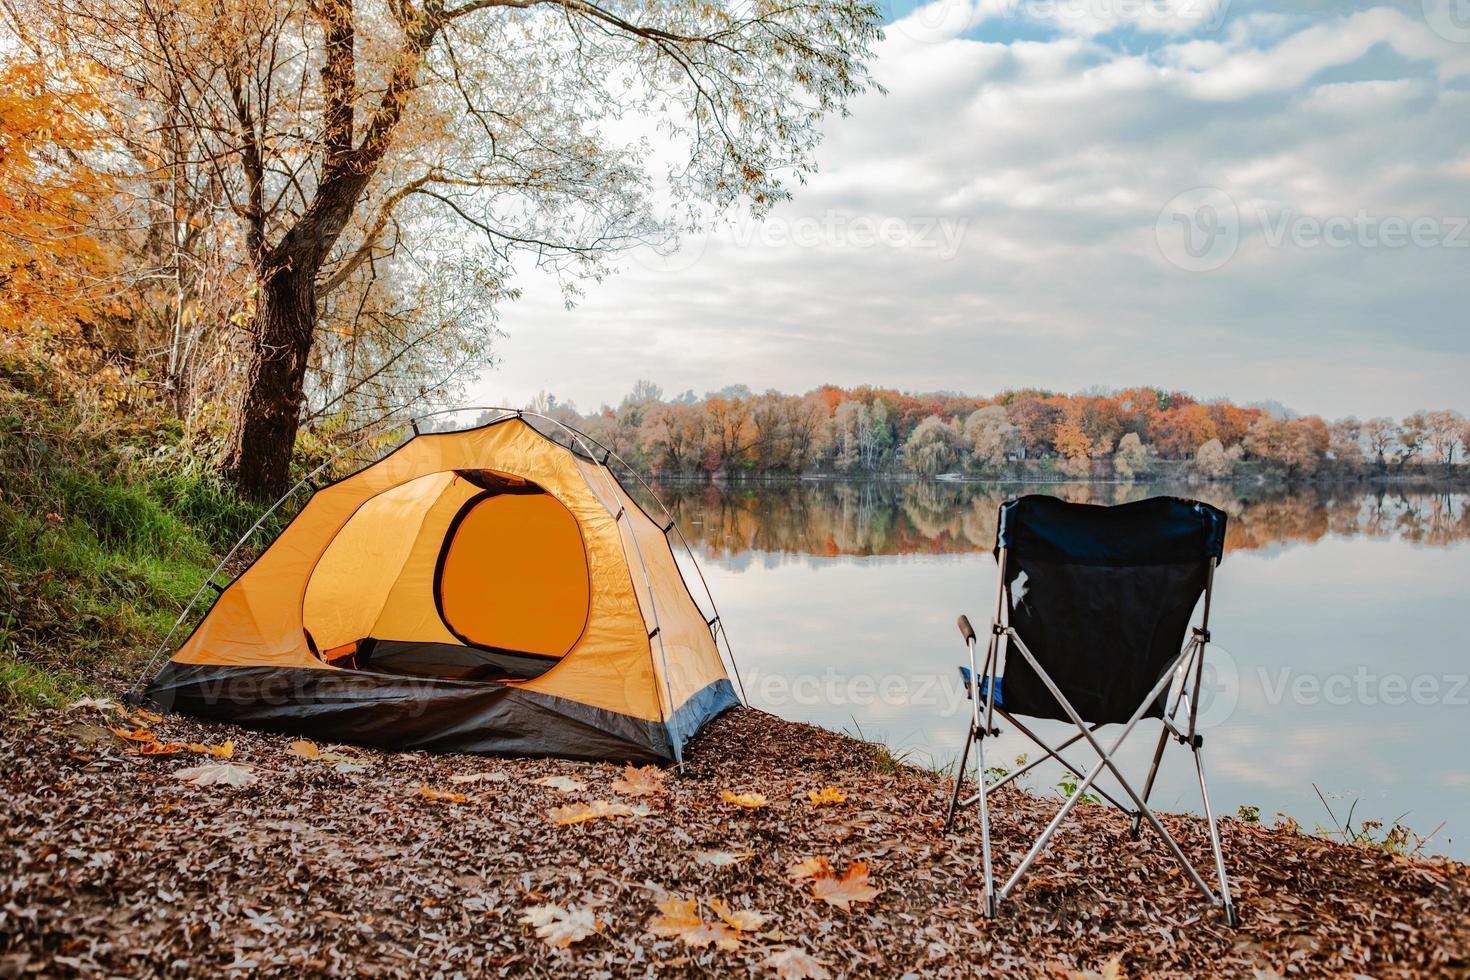 tent op het strand van het meer herfst herfst seizoen foto